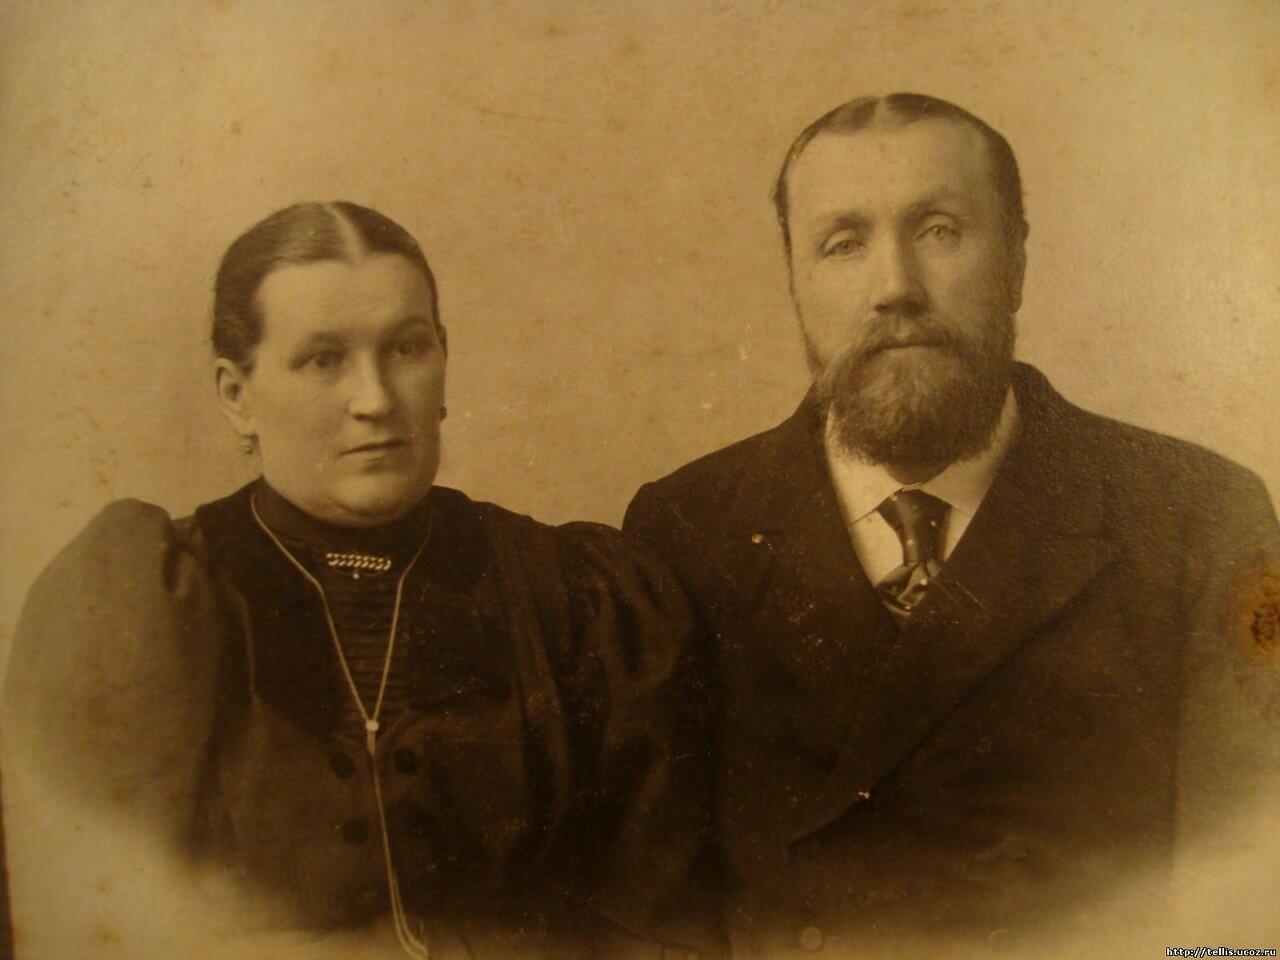 Потомственный почетный гражданин Филипп Яковлевич Пантелеев (11.11.1863 - 18.02.1914) с супругой